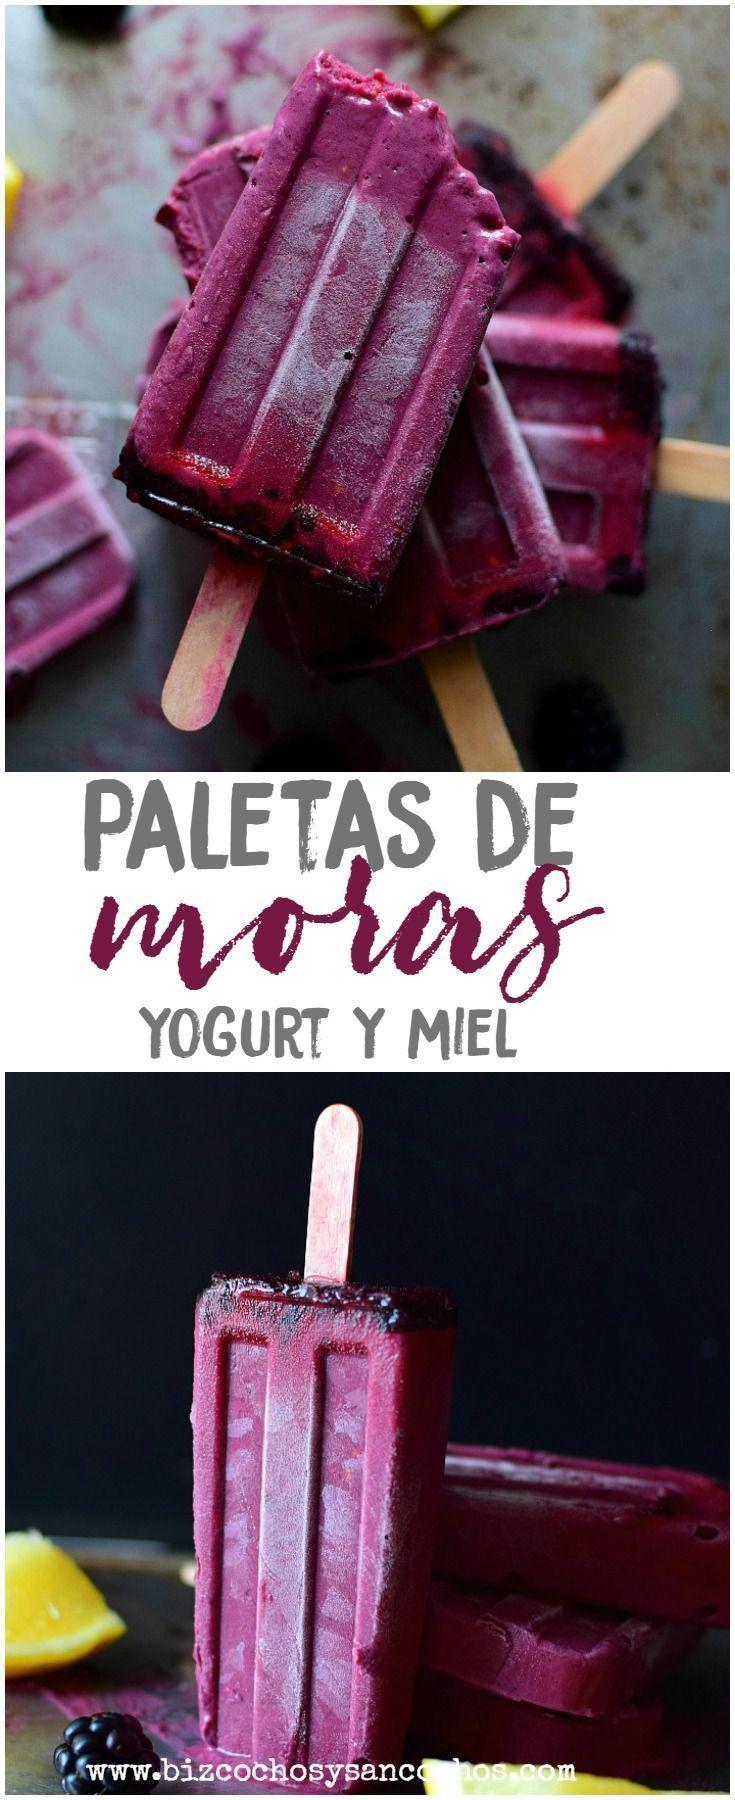 Paletas de mora con yogur y miel. – Postres – #con # miel #mora #Paletas #postr …   – Helados Ideas